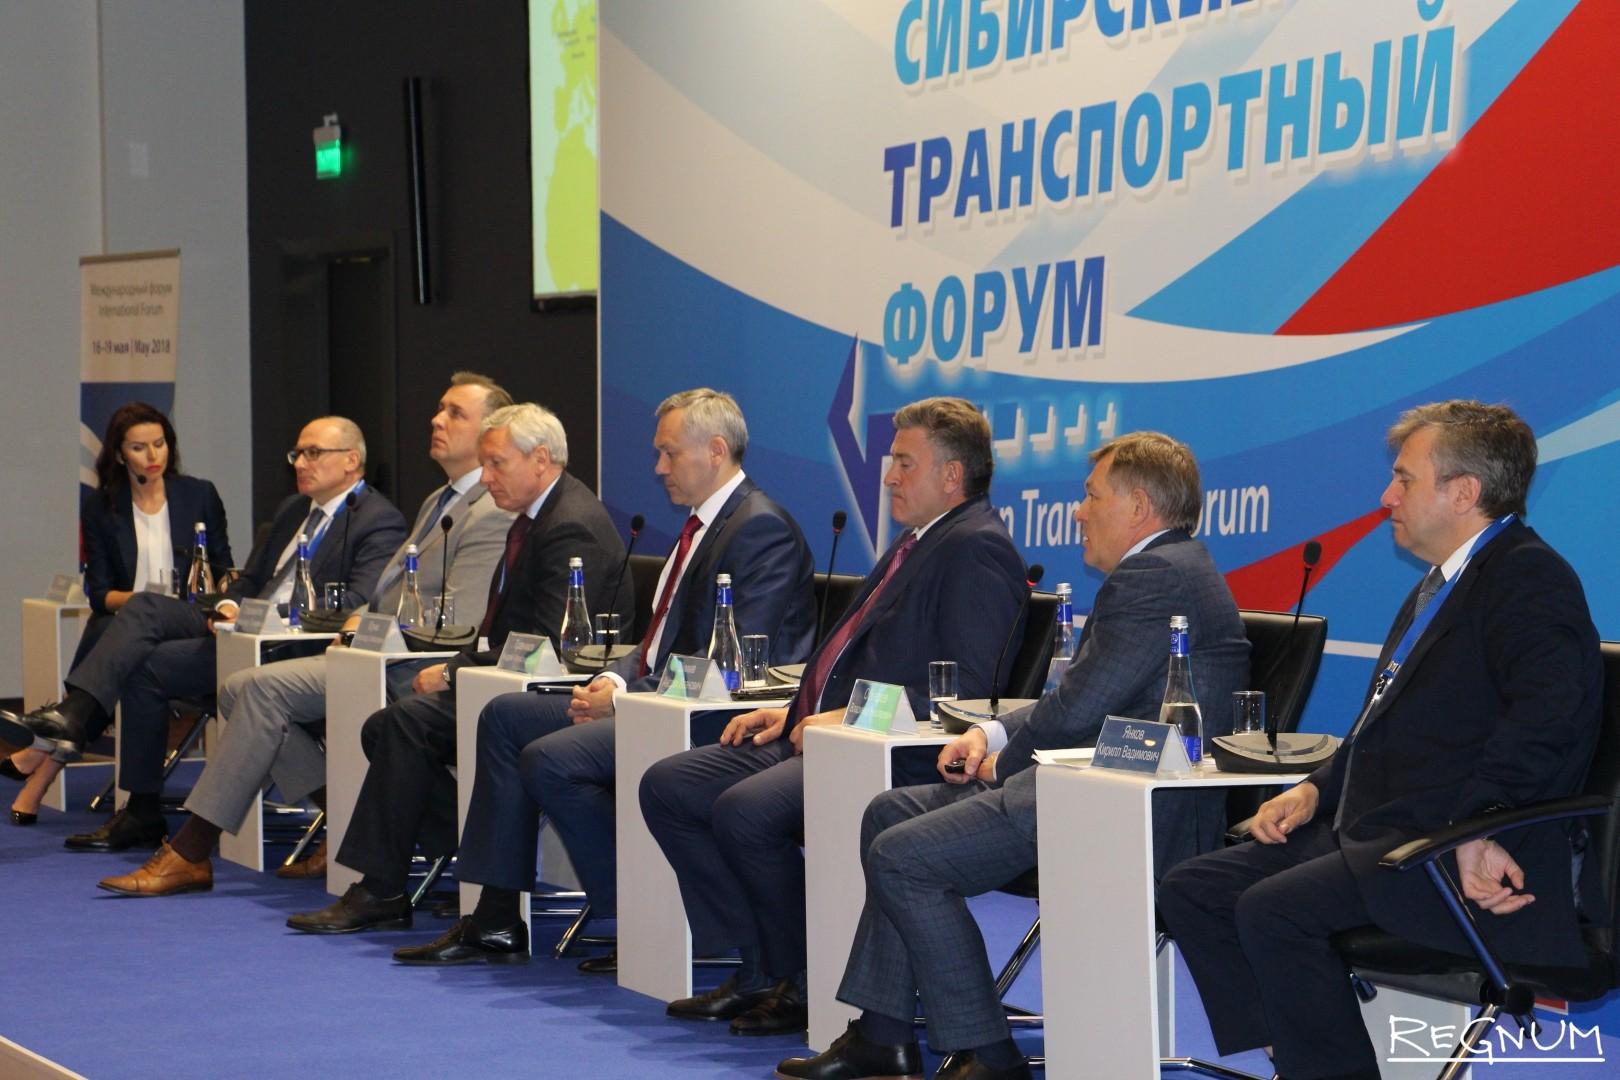 Пленарная дискуссия «Транспорт Сибири. Связанность Востока и Запада»